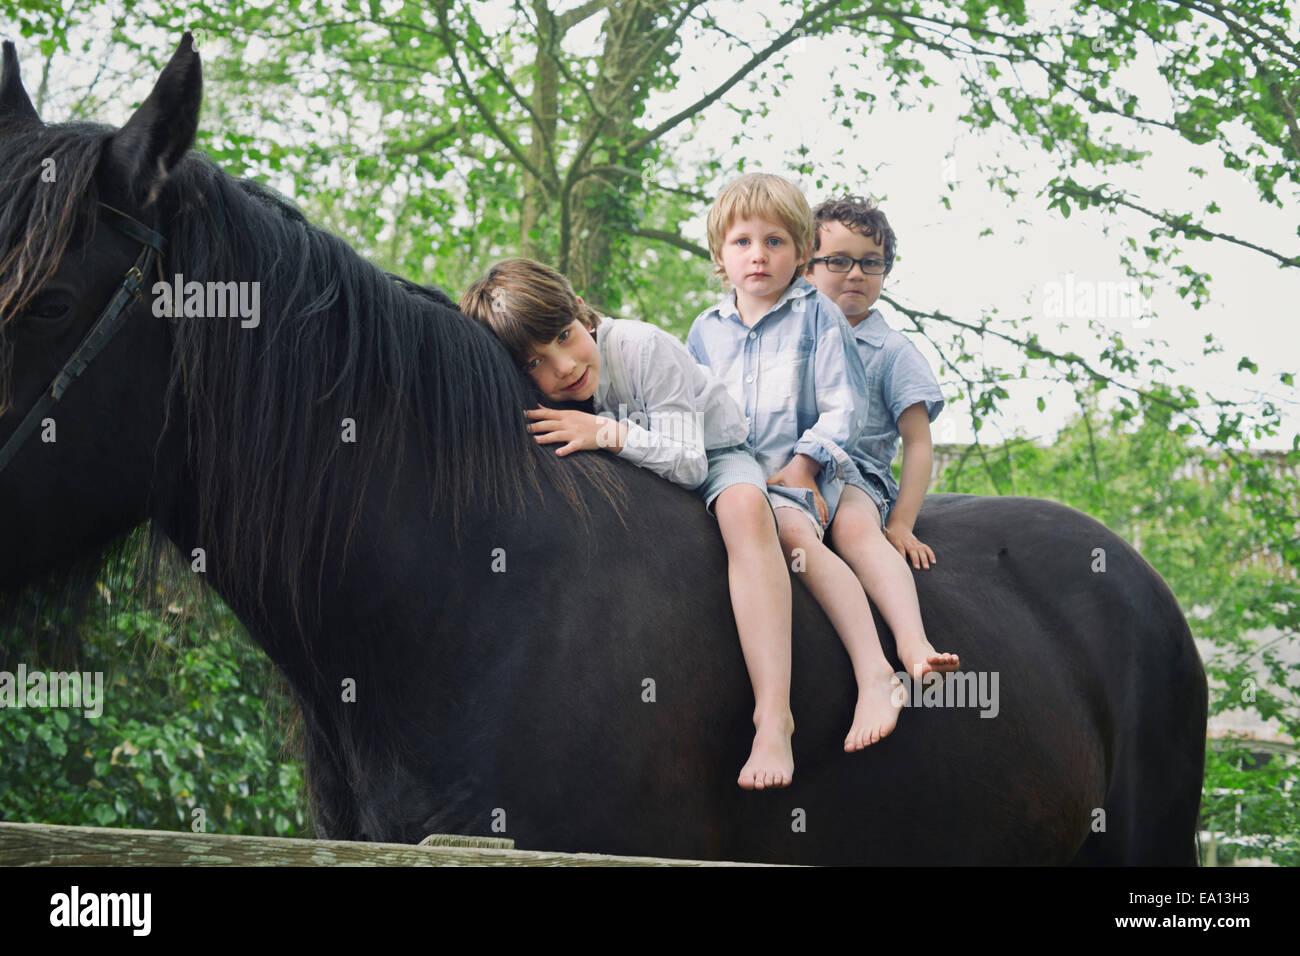 Tres muchachos en una fila de rutas a caballo en los bosques Imagen De Stock